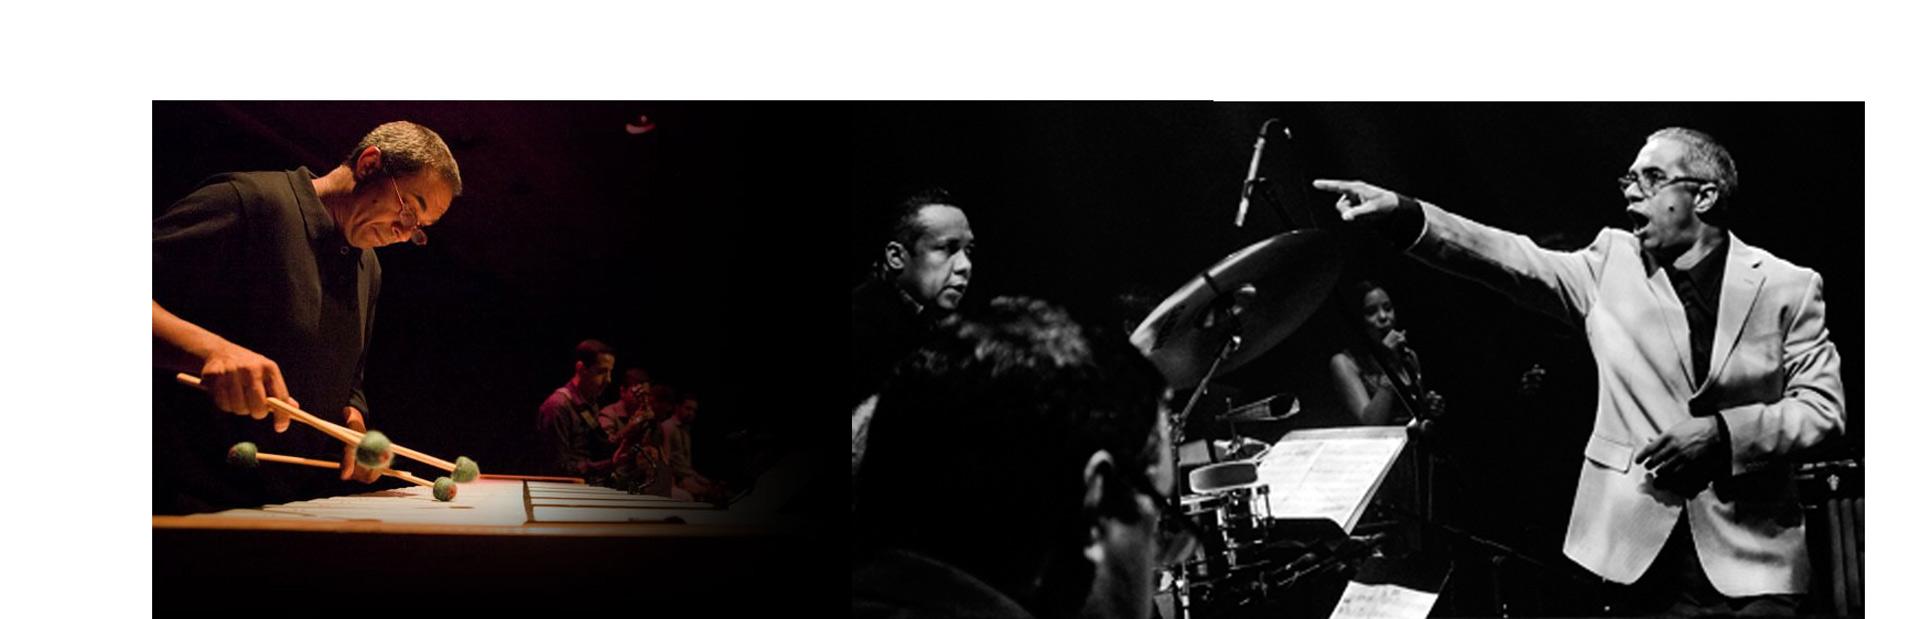 El compositor caraqueño presentó el video promocional de su nuevo disco, que saldrá a la venta en noviembre